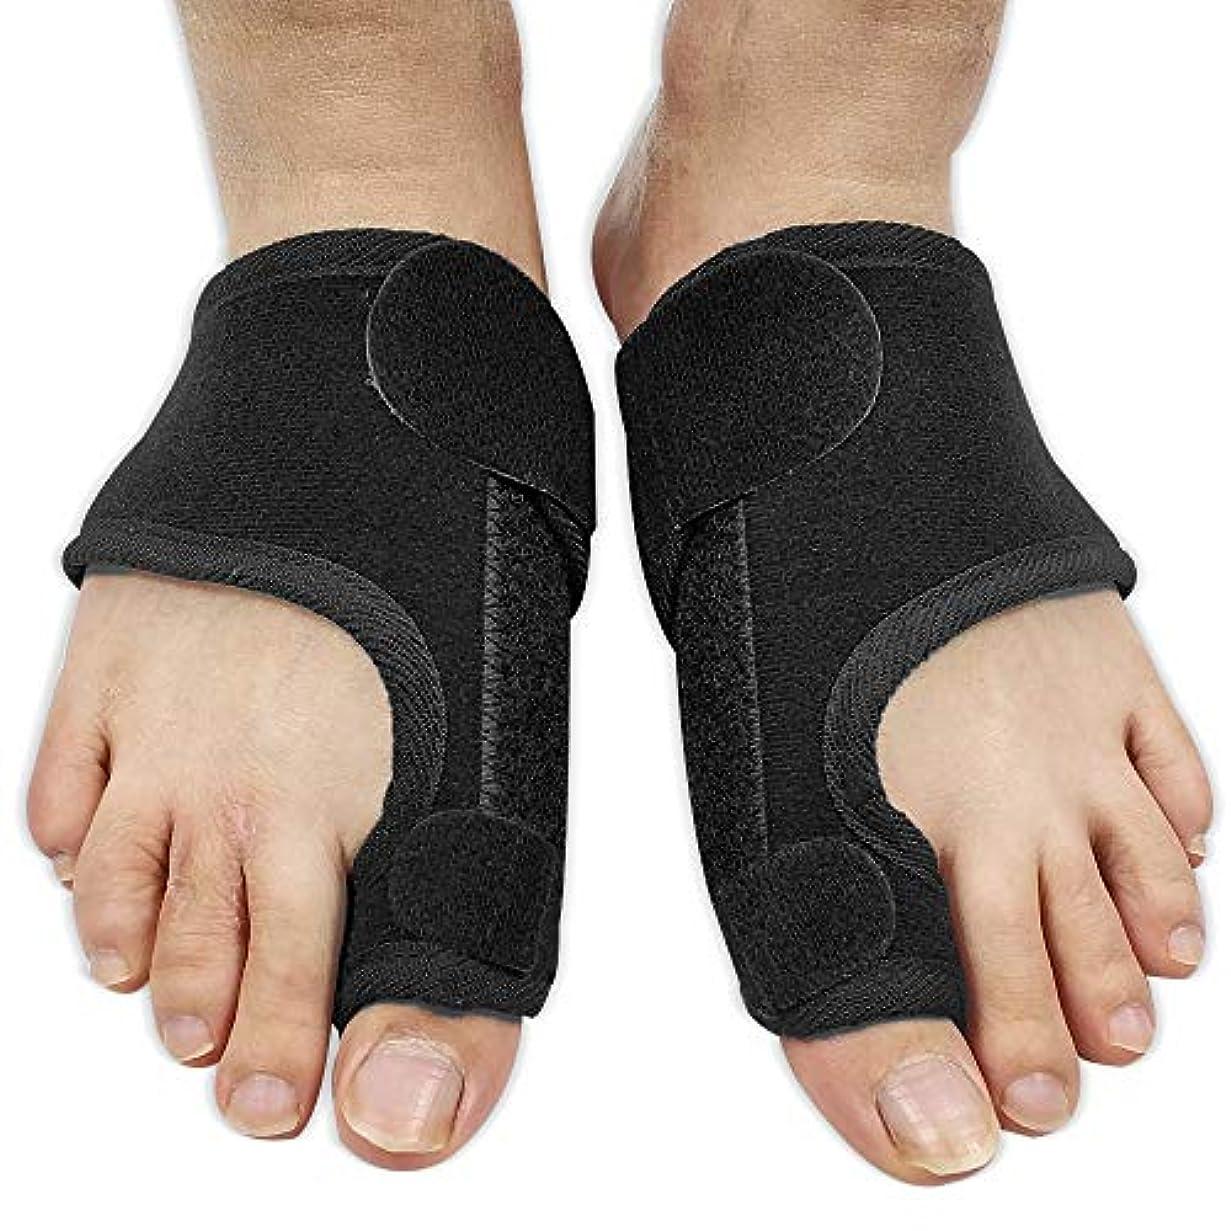 エチケットおめでとうゲージバニオンコレクターおよびバニオンリリーフ整形外科用ビッグトゥストレートナーは、外反母趾を治療し、予防する(ワンサイズ)